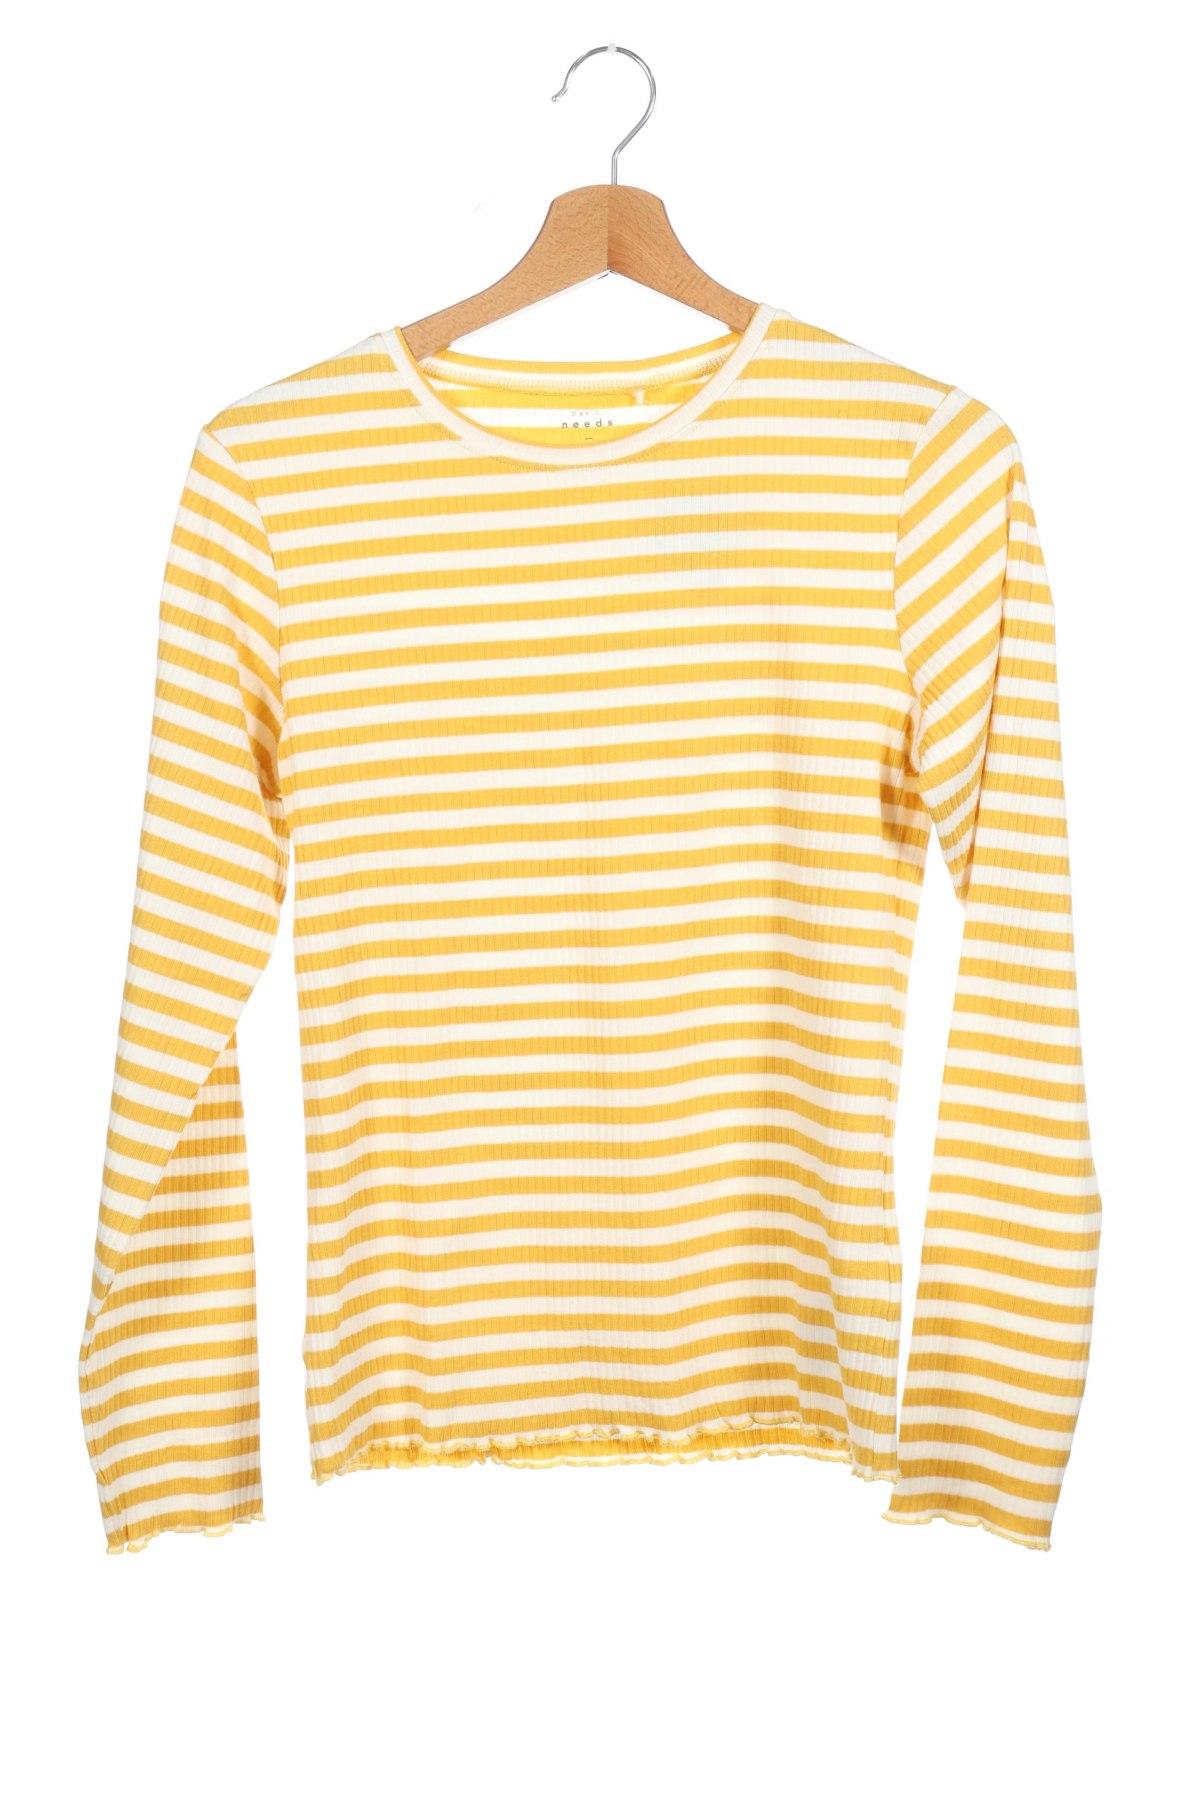 Παιδική μπλούζα Name It, Μέγεθος 12-13y/ 158-164 εκ., Χρώμα Κίτρινο, 95% βαμβάκι, 5% ελαστάνη, Τιμή 7,09€